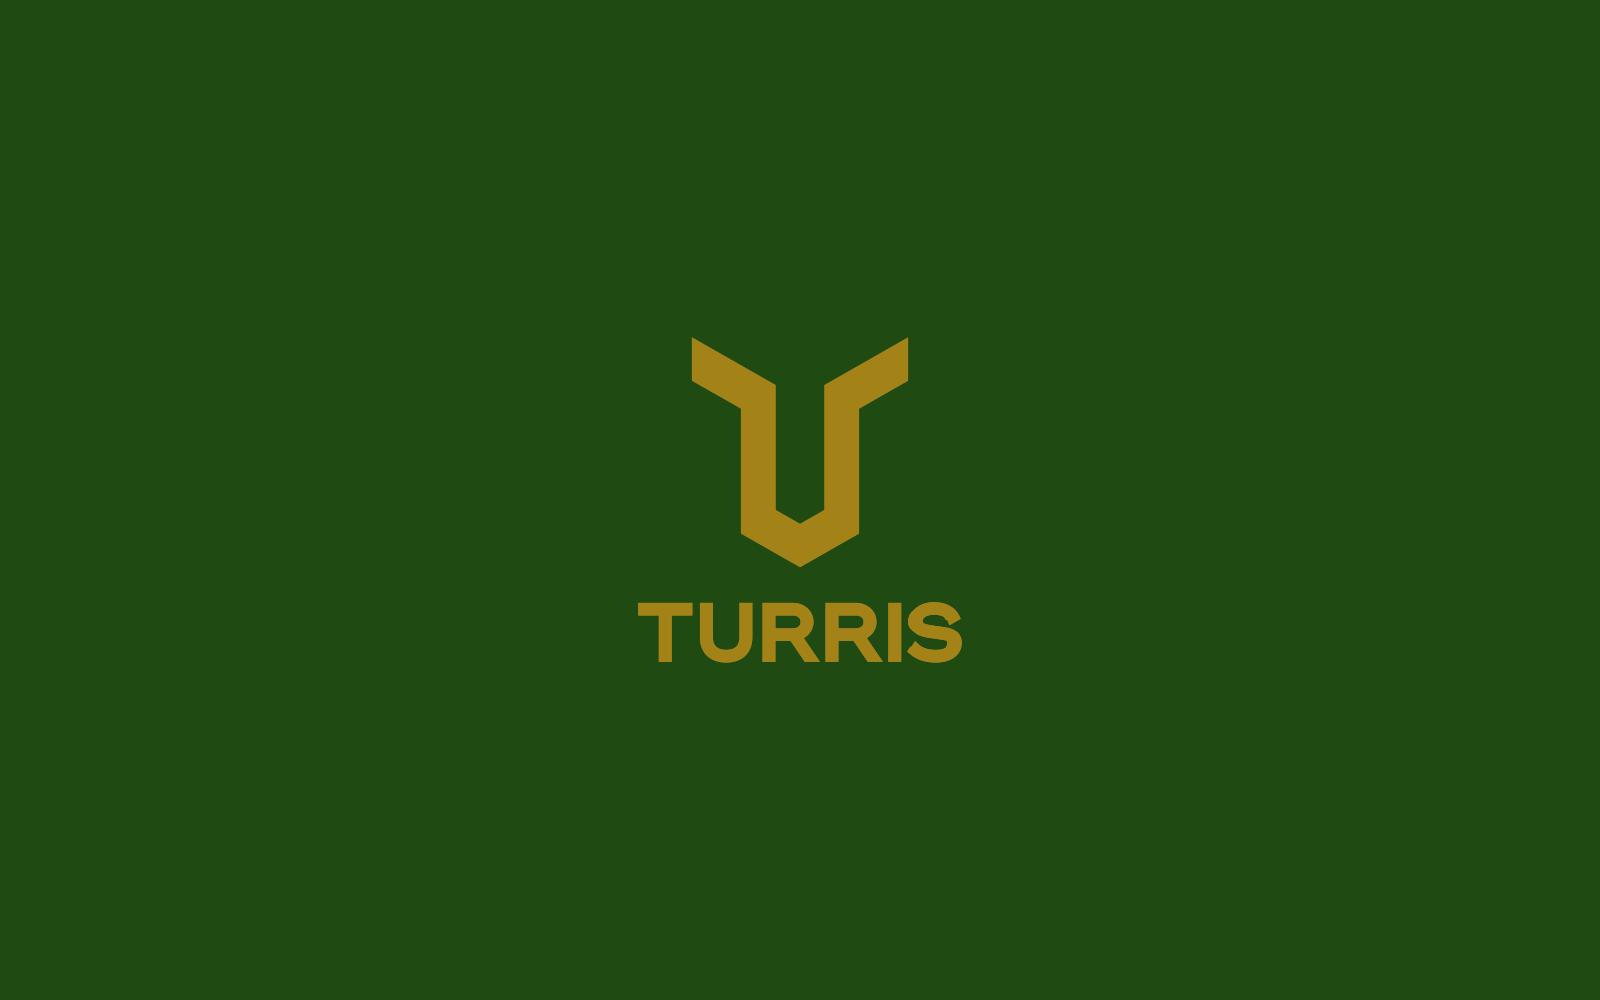 turris logo